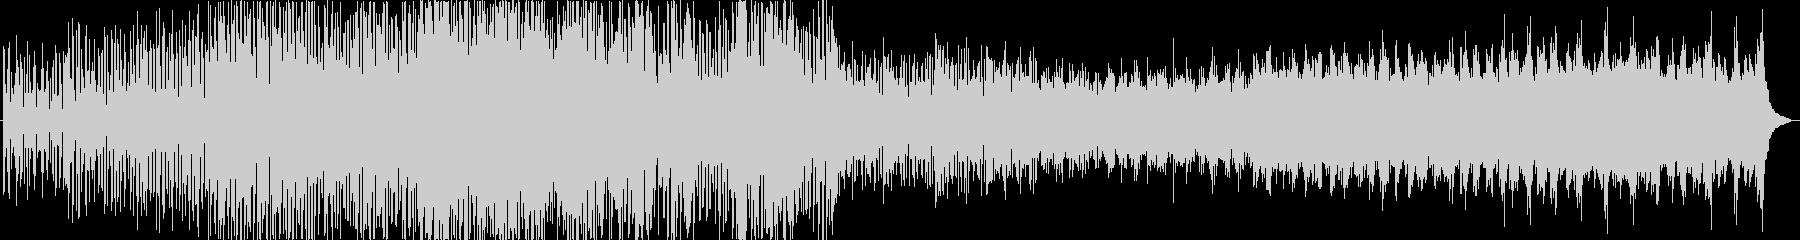 マリンバを中心としたミニマル風の曲です。の未再生の波形